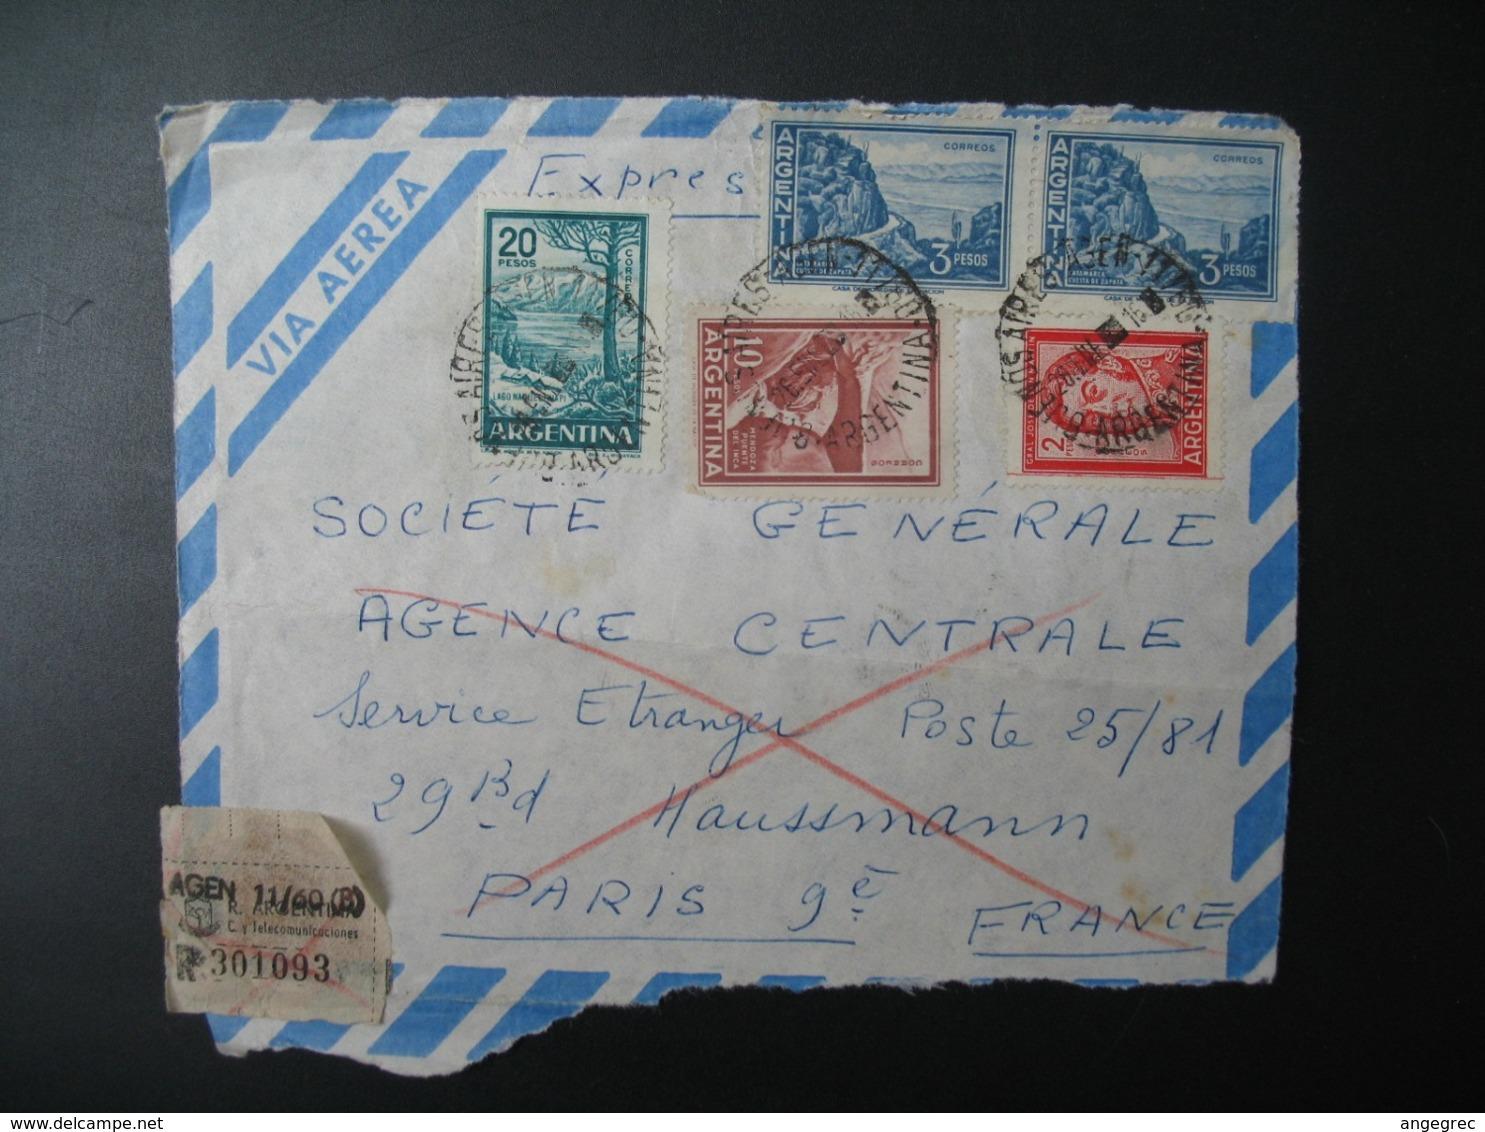 Républica Argentina - Argentine Devant Lettre Recommandée N° 301093  Pour Sté Générale  En France Bd Haussmann Paris - Argentina